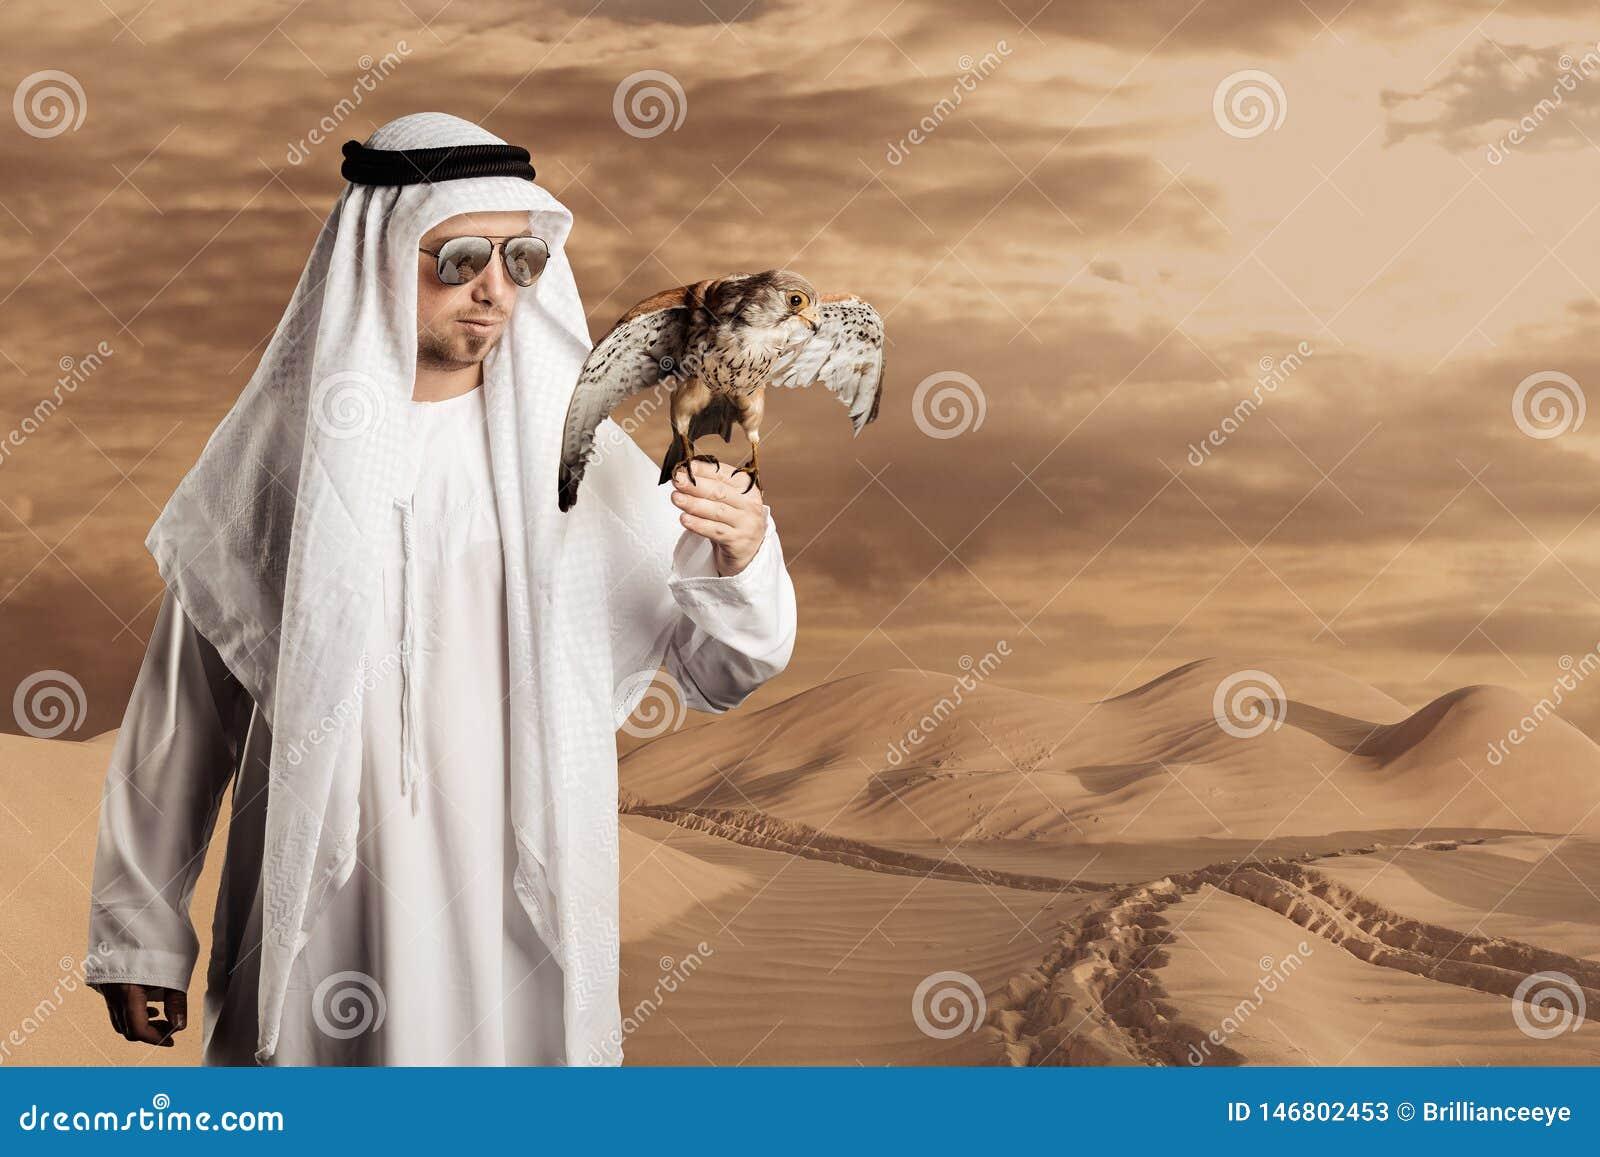 Sjeik die met zonnebril een valk voor woestijnheuvels en voetstappen houden